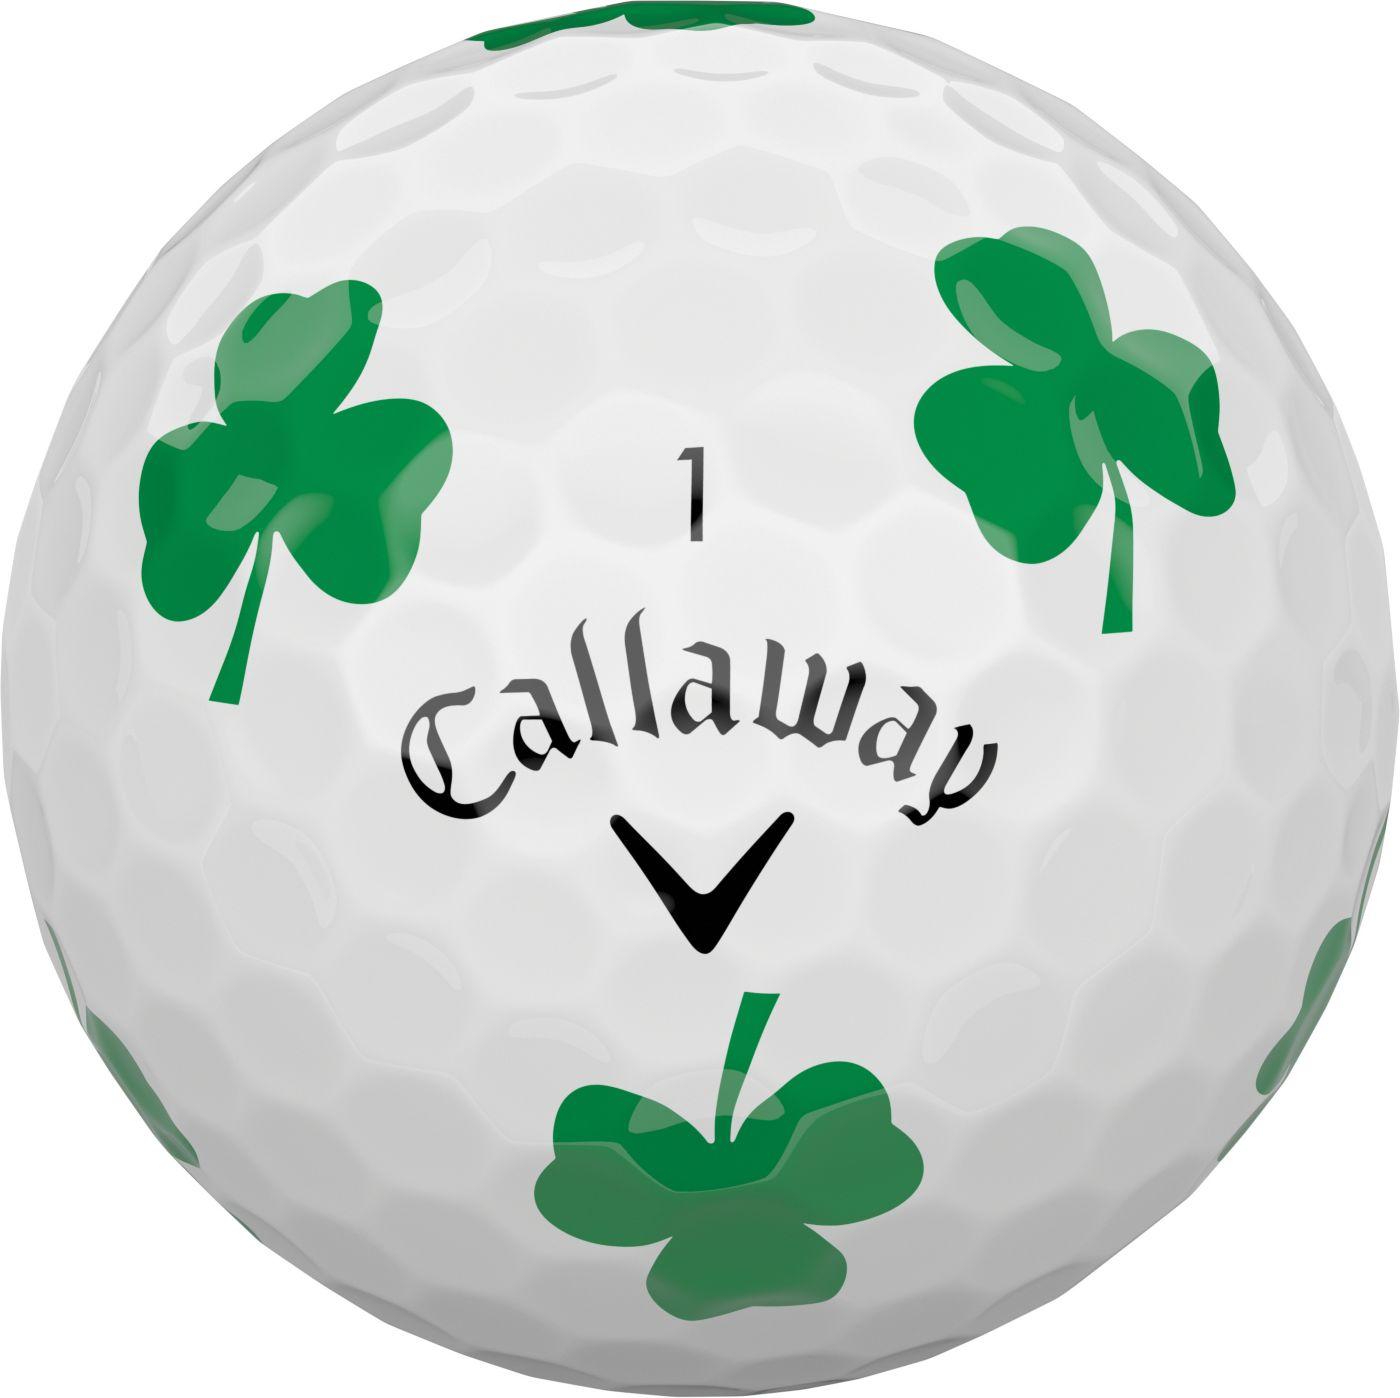 Callaway 2018 Chrome Soft Truvis Shamrock Golf Balls